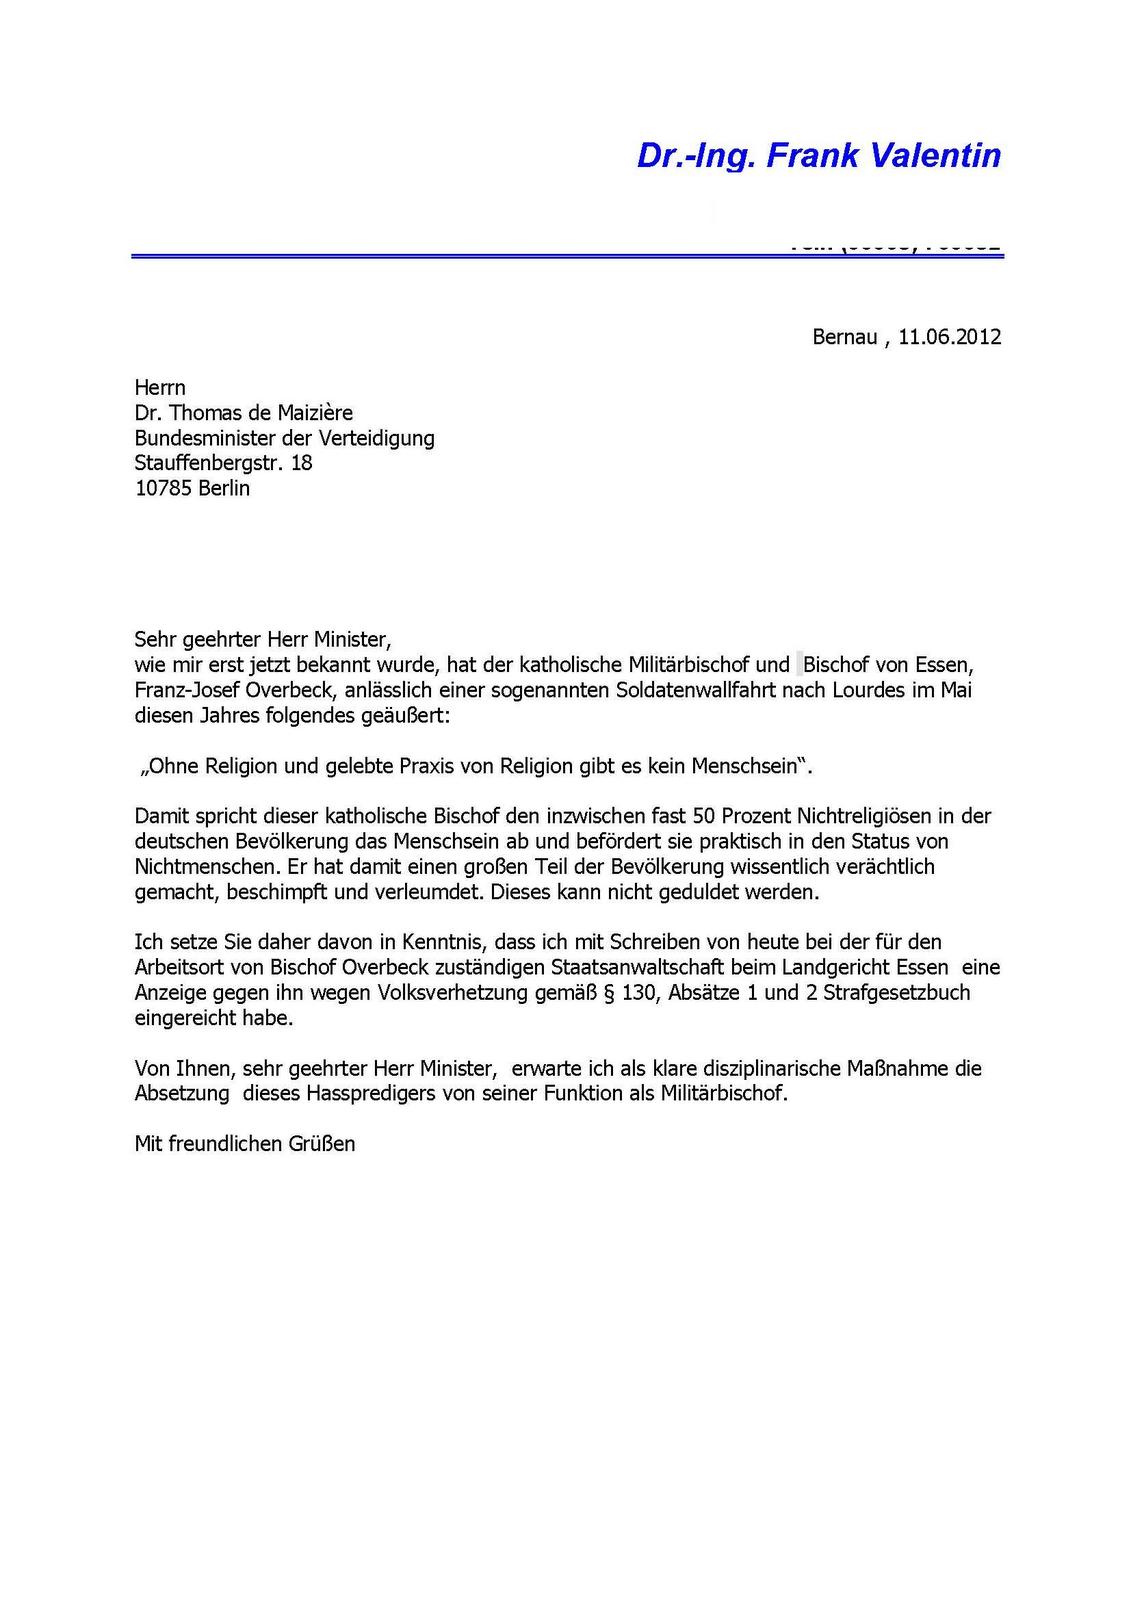 Offizielle Briefe Auf Deutsch Schreiben : Vallis ins gehirn gepieselt